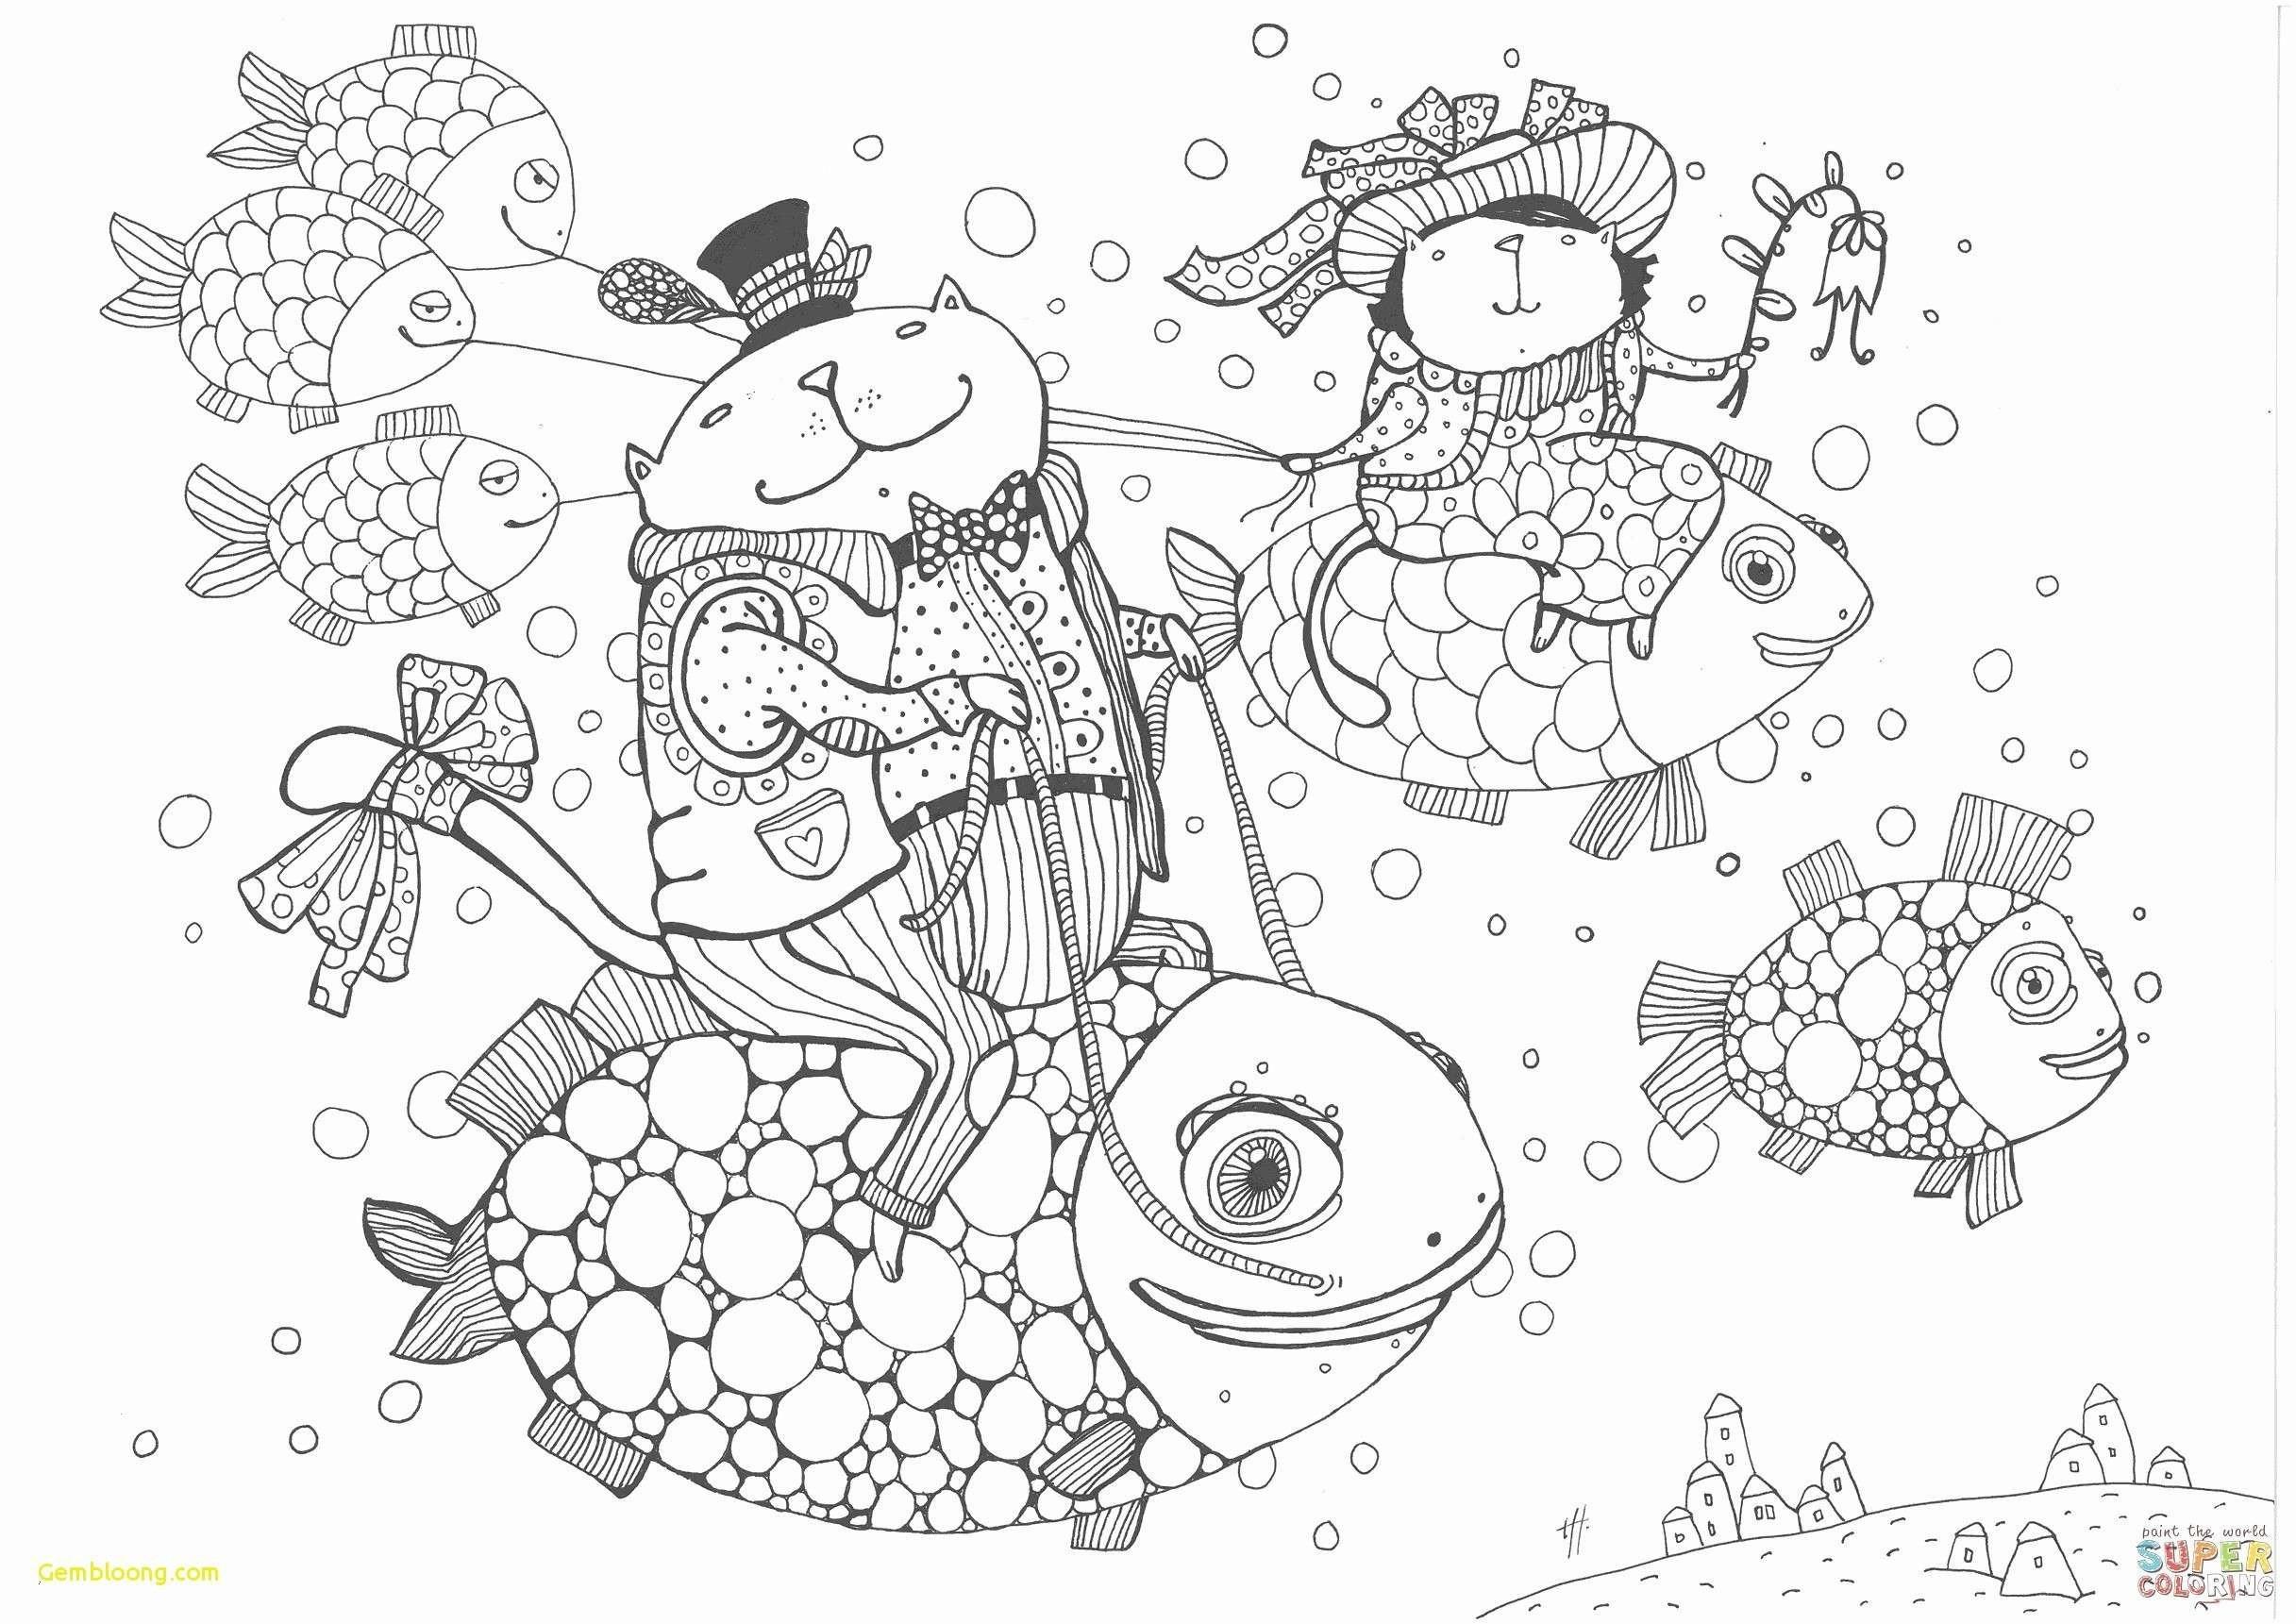 Malvorlagen Anna Und Elsa Neu Frozen Ausmalbilder Zum Ausdrucken Elegant 40 Frozen Elsa Bild